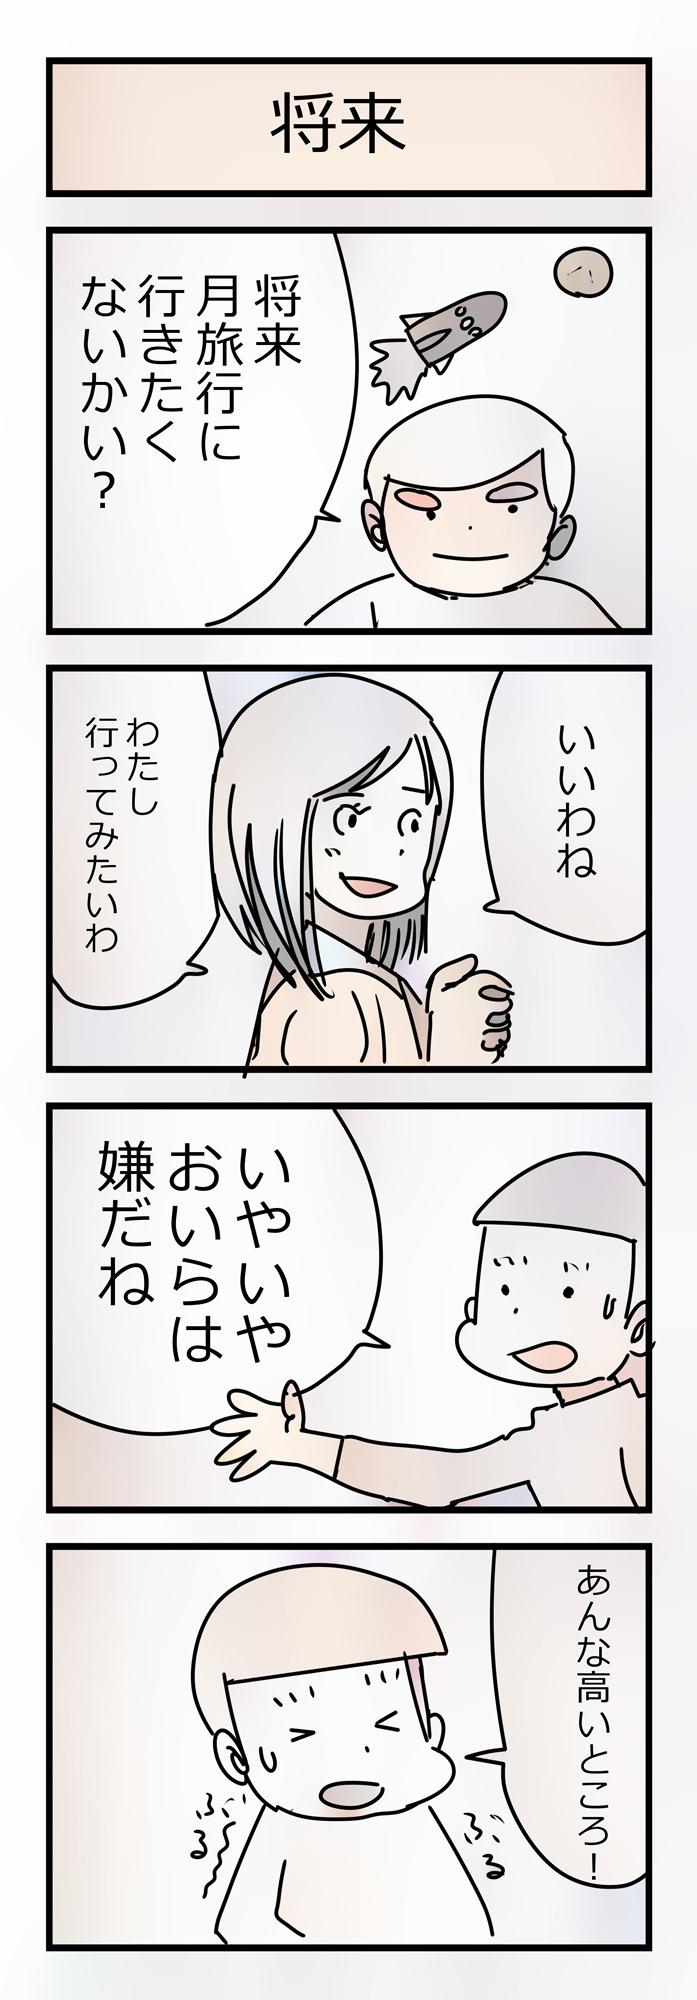 マー坊 その4